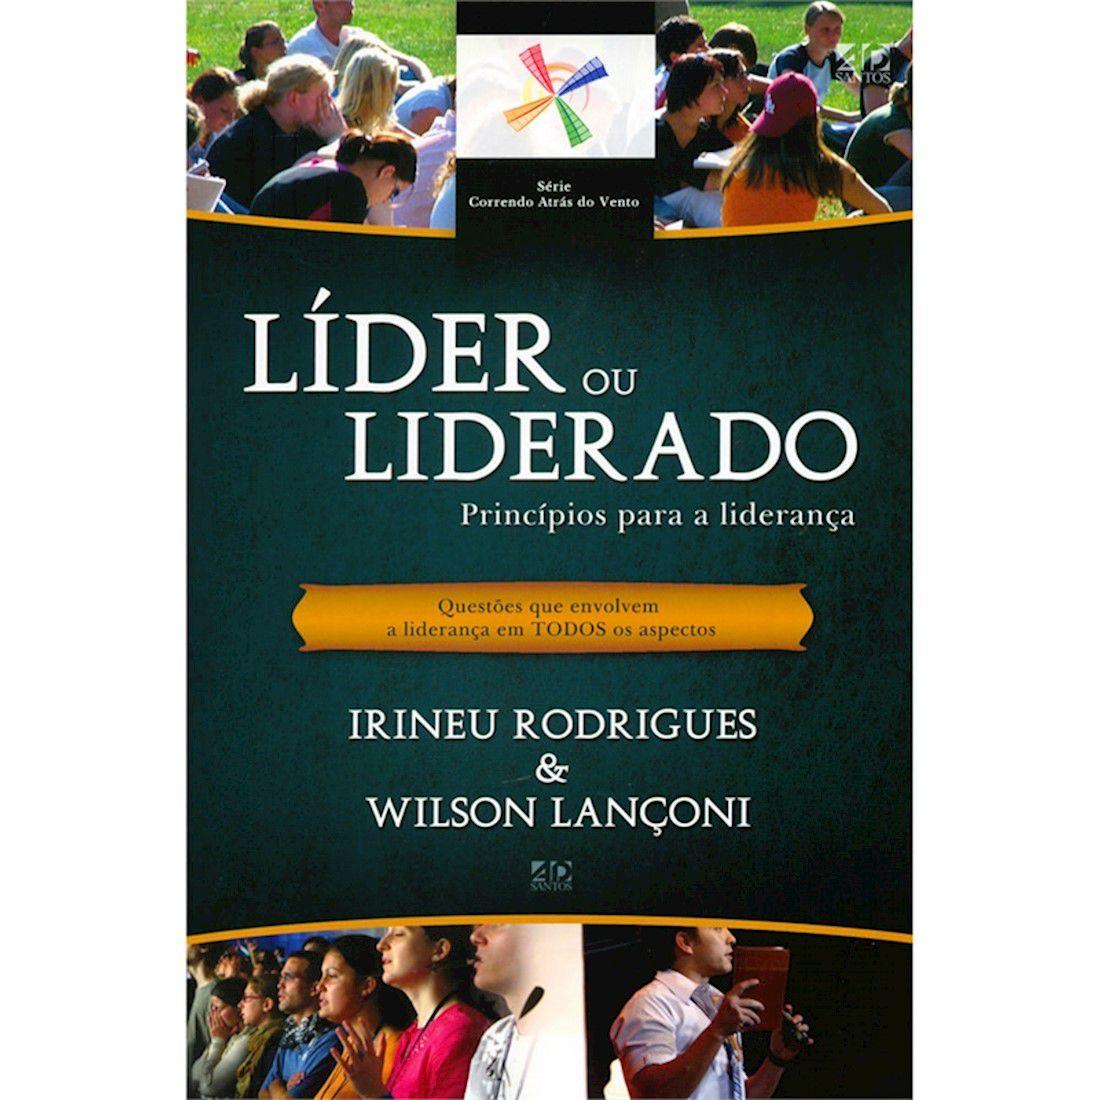 Livro Líder ou Liderado - Princípios Para a Liderança